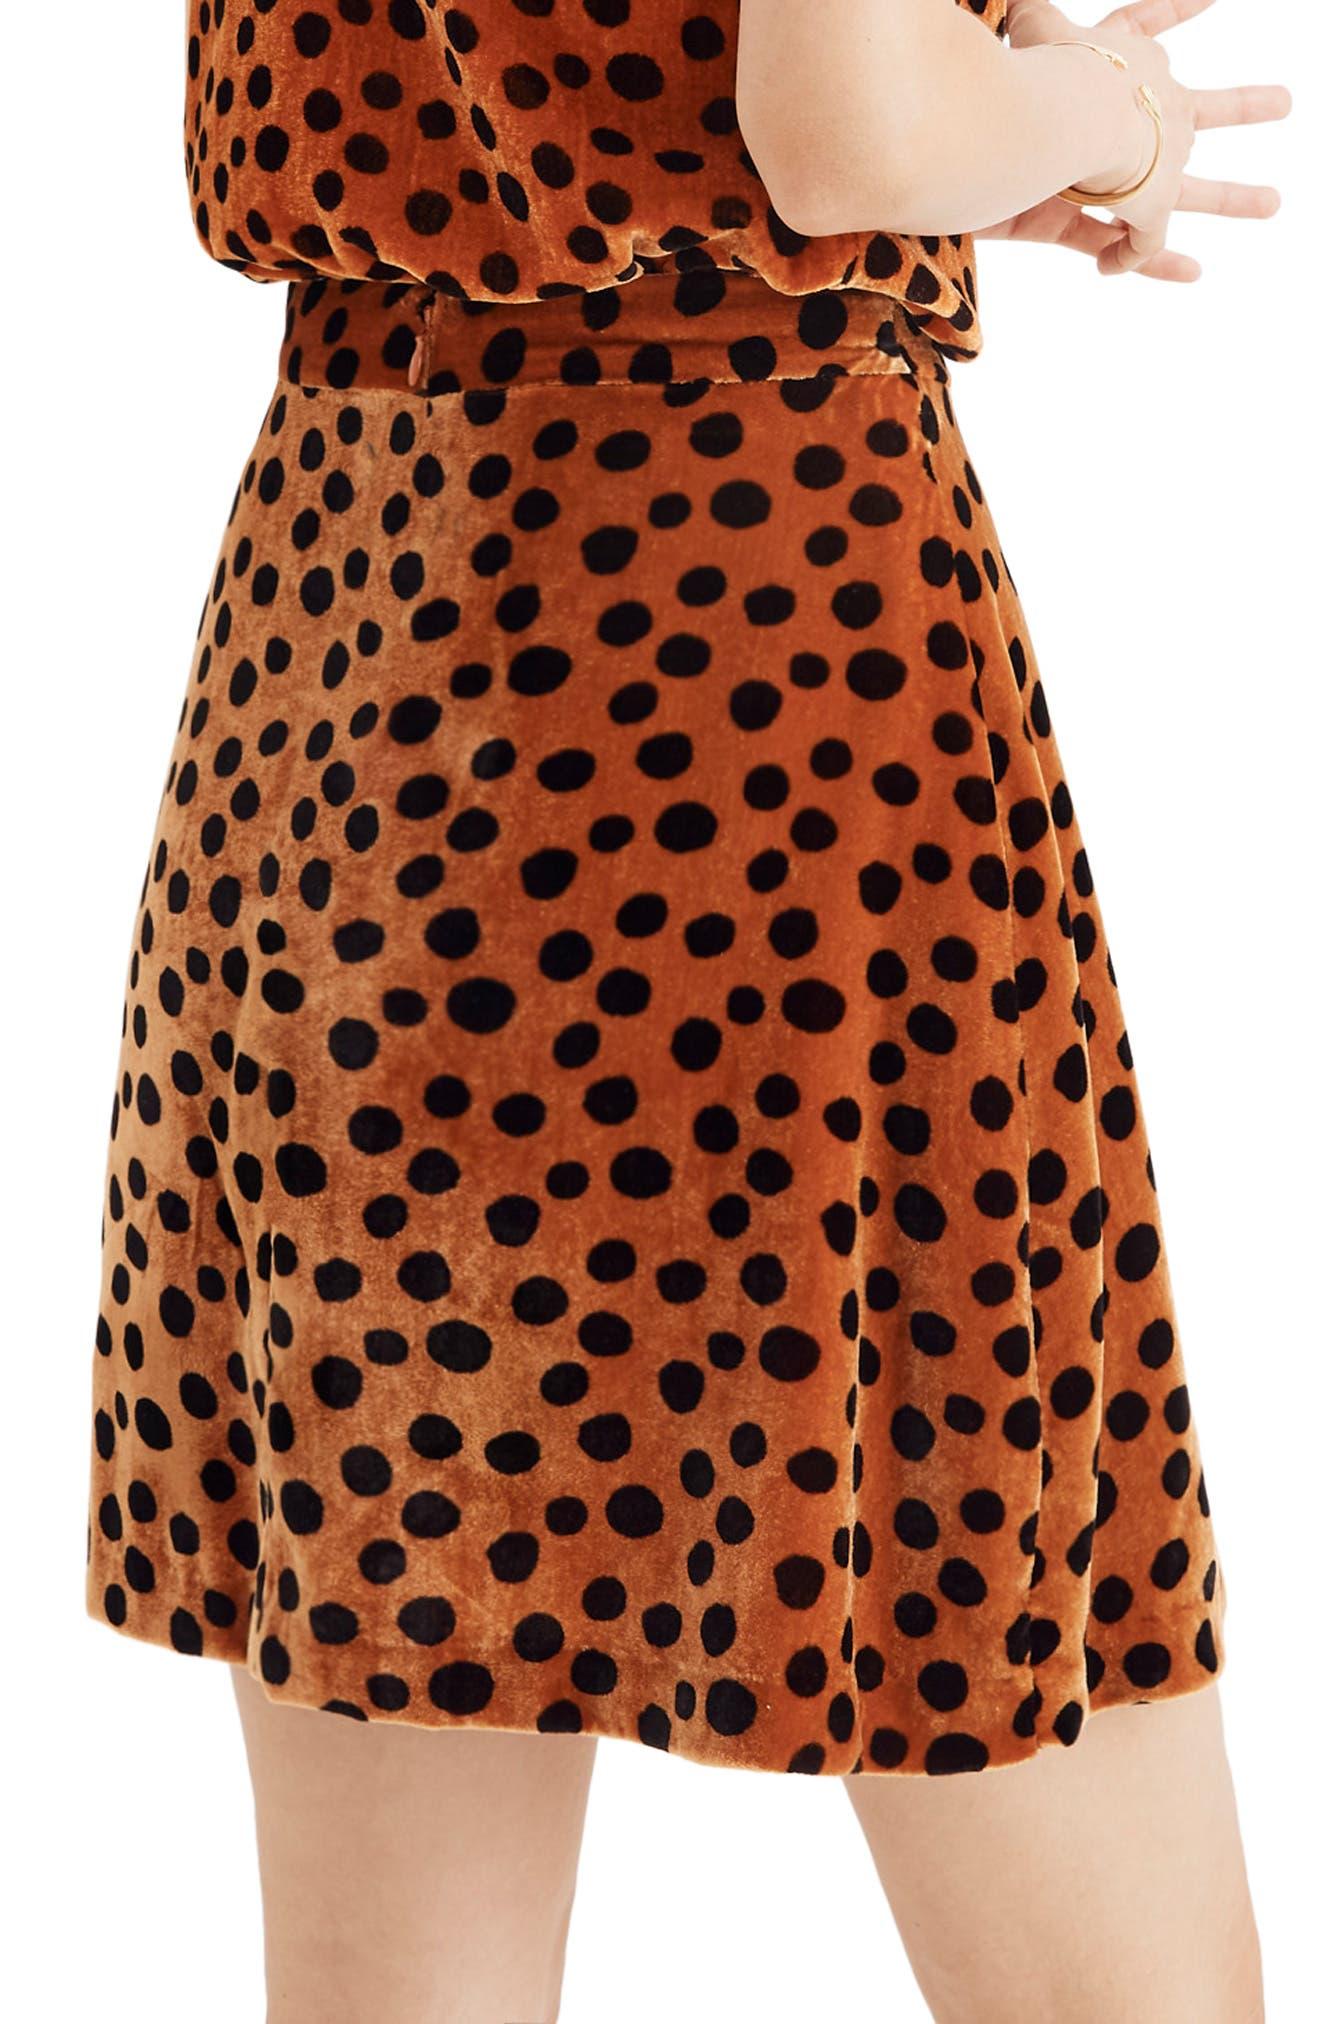 Velvet Circle Miniskirt,                             Alternate thumbnail 2, color,                             LEOPARD DOT BURNT SIENNA